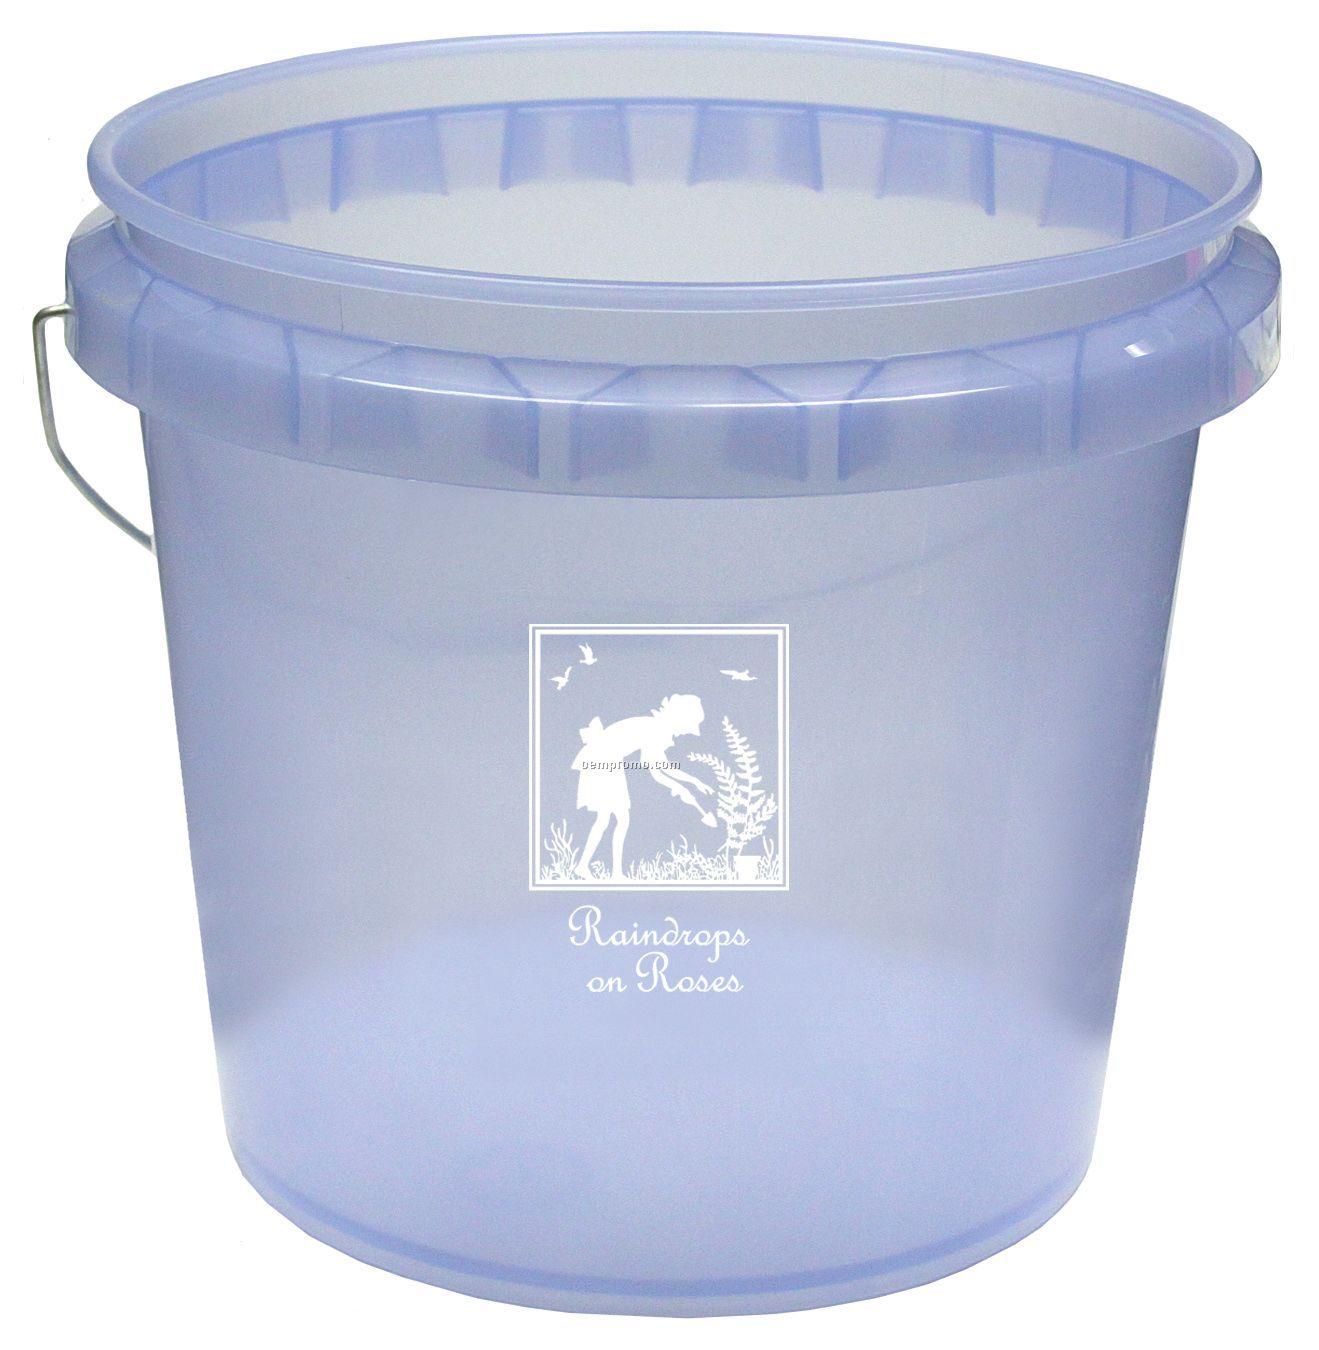 3 1 2 Gallon Bucket China Wholesale 3 1 2 Gallon Bucket